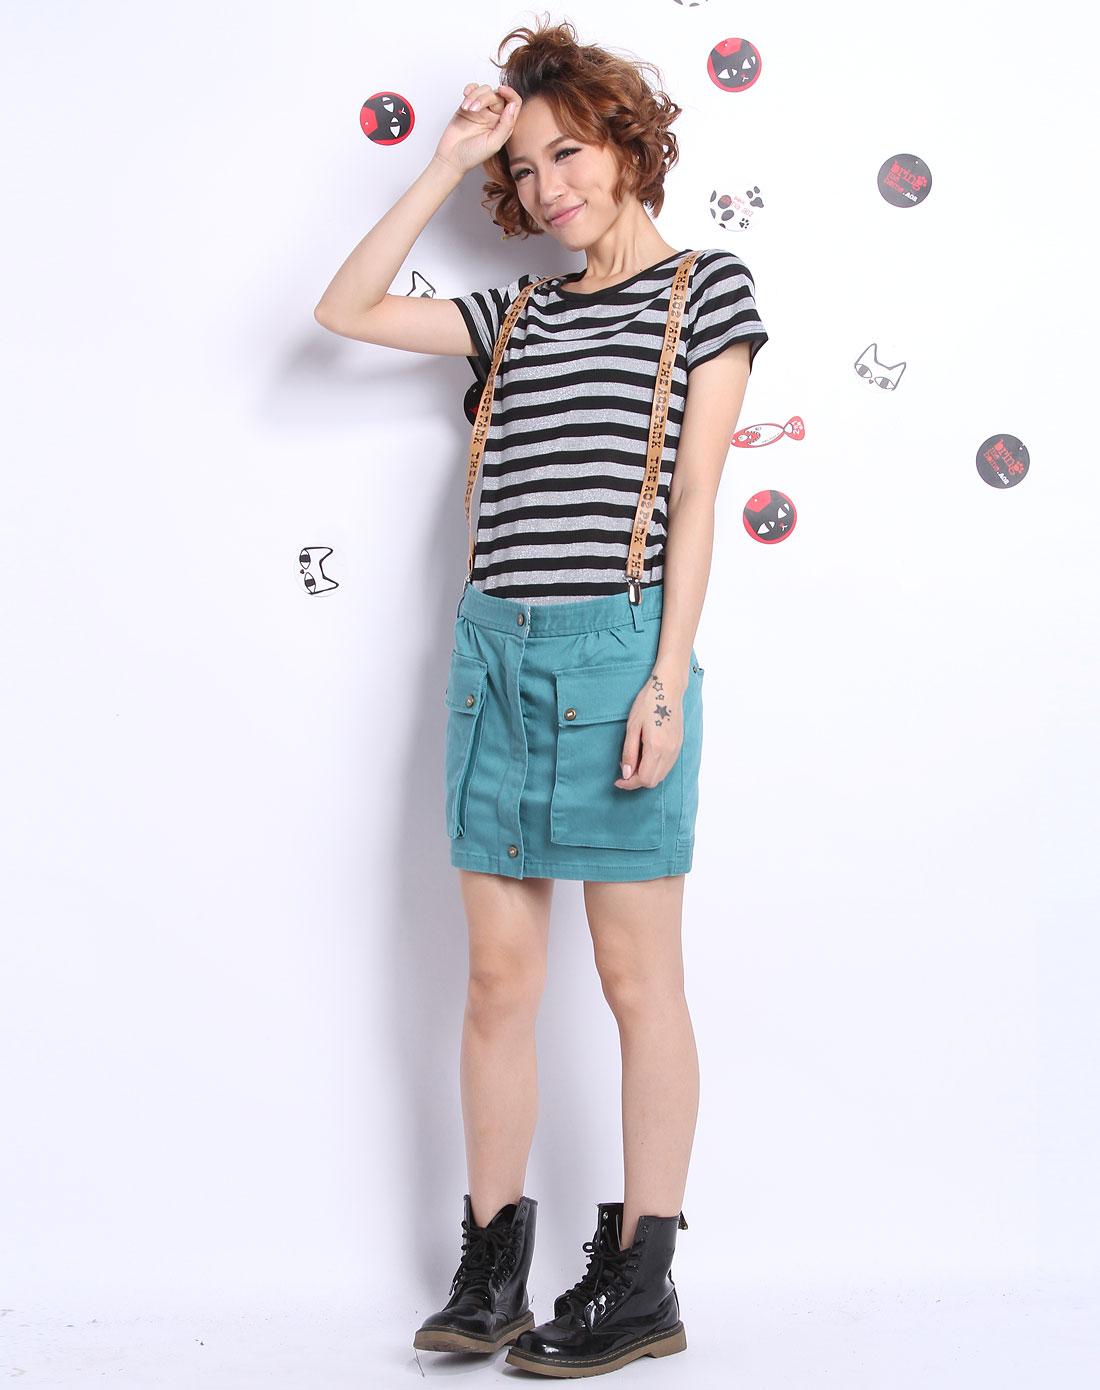 a02女装_a02女装专场-绿色时尚背带短裙